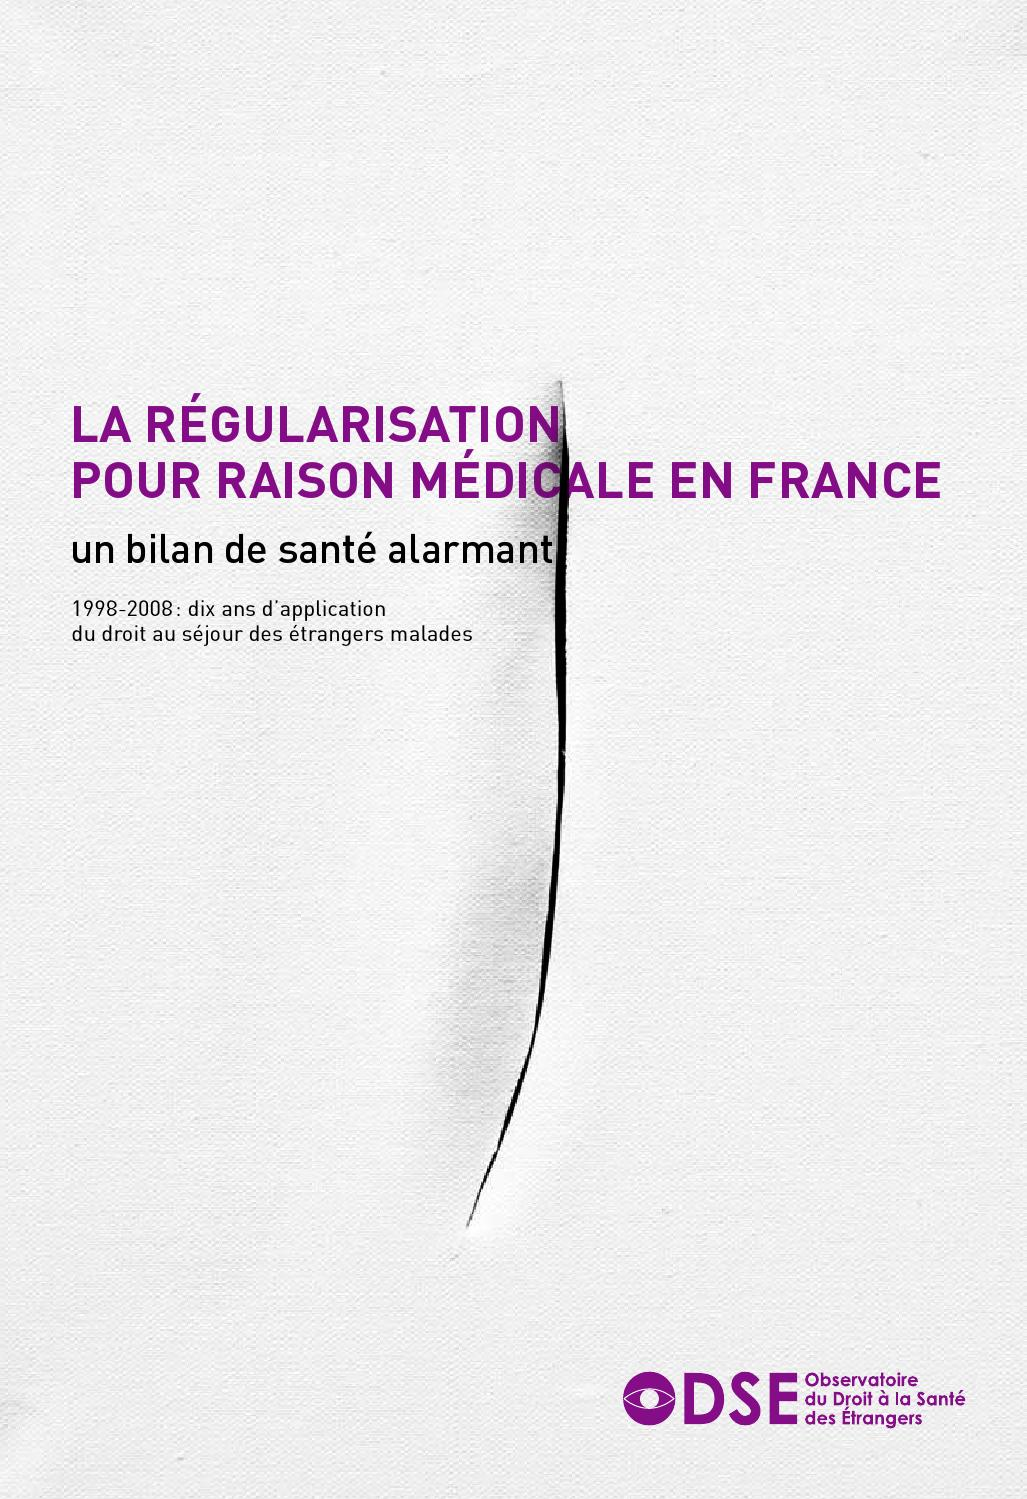 La Régularisation Pour Raison Medicale Un Bilan De Santé